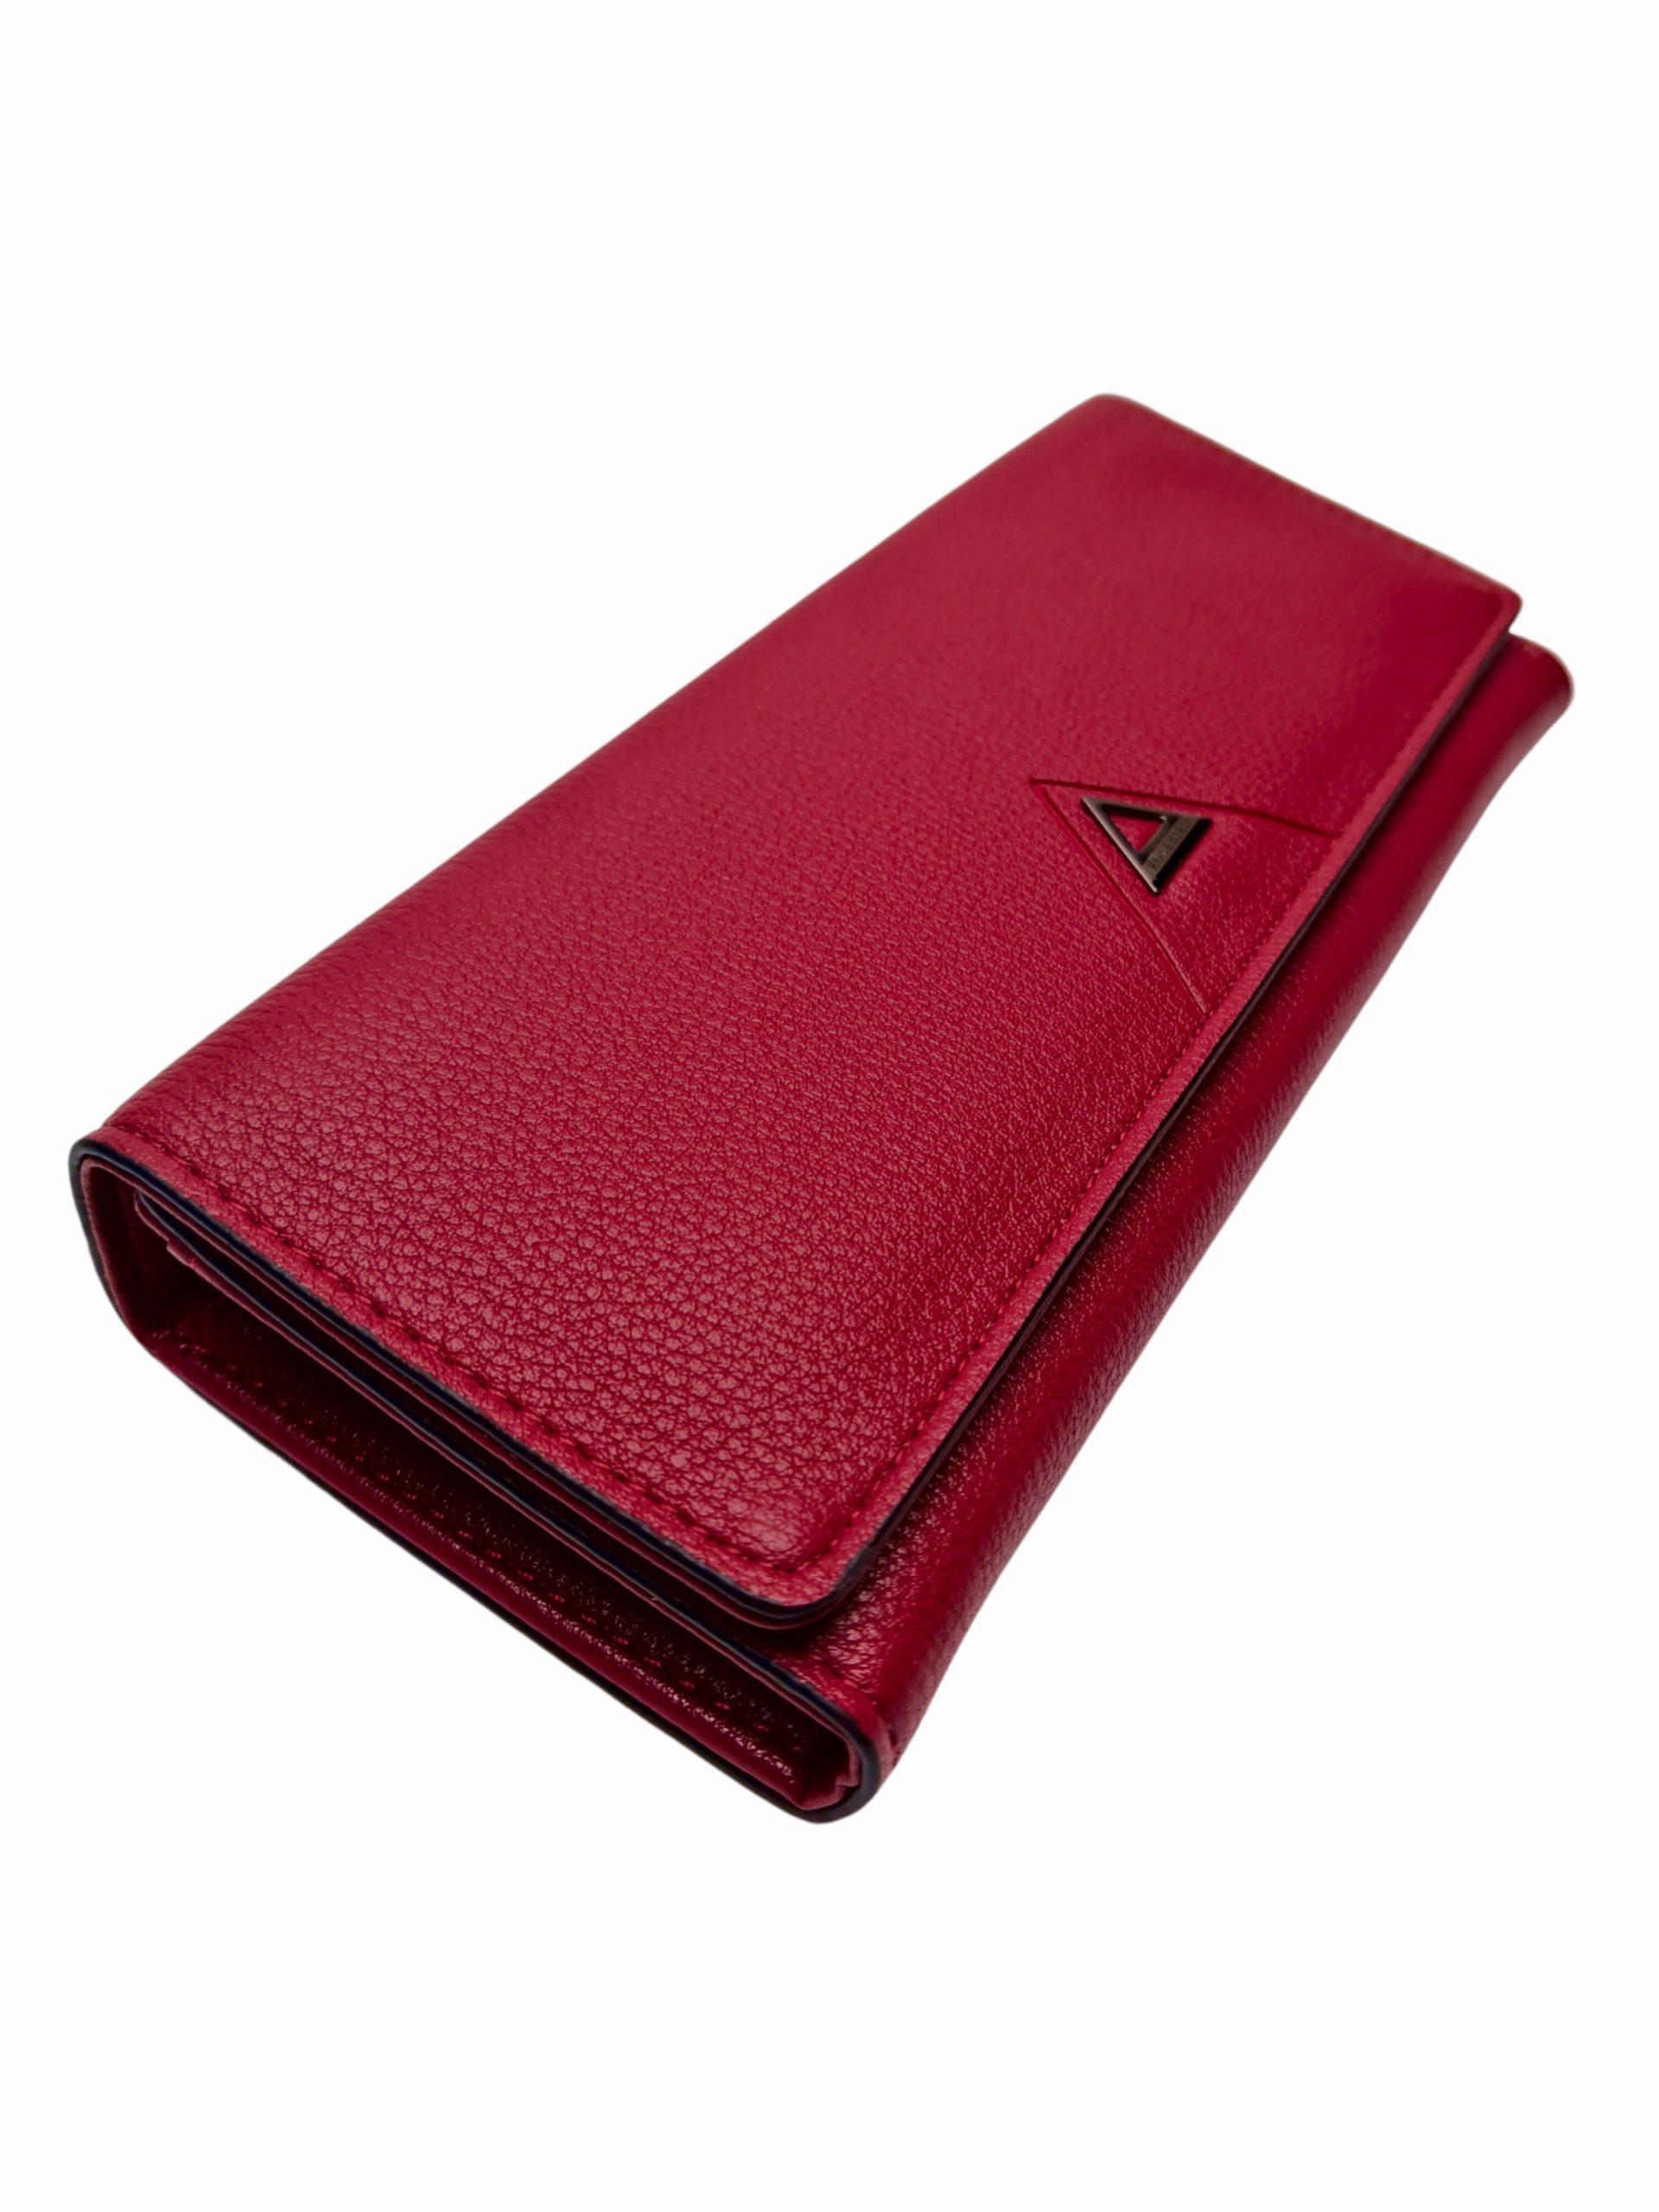 Elegantní dámská peněženka na magnetky, New Berry, 108-1, červená, přední strana peněženky